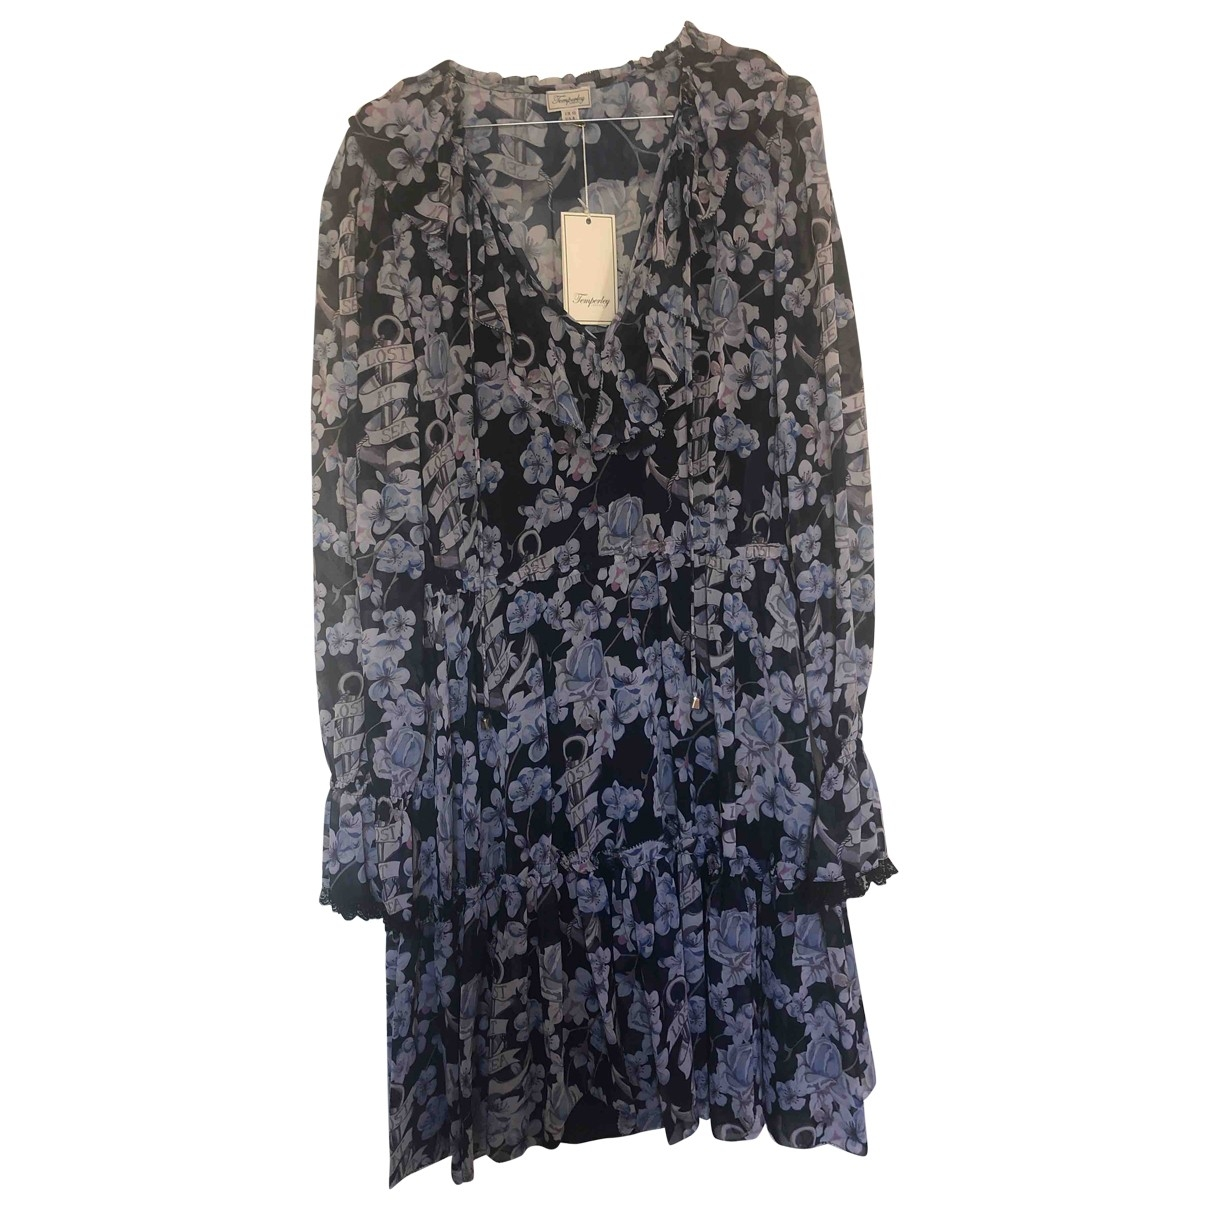 Temperley London \N Navy dress for Women 12 UK